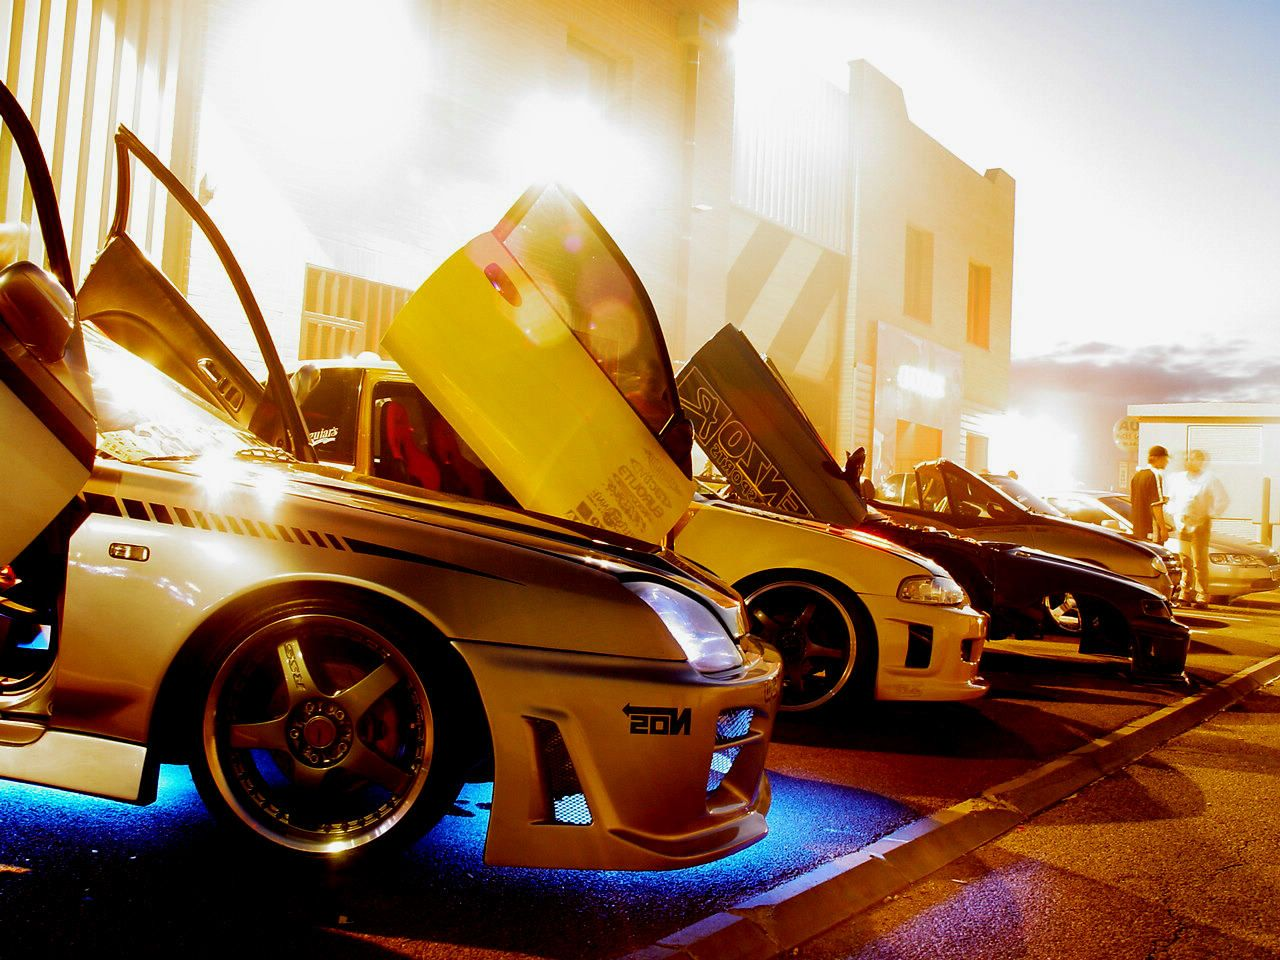 Foto De Papel De Parede Top: Wallpaper Carros,carros Papel De Parede #3:Papel De Parede